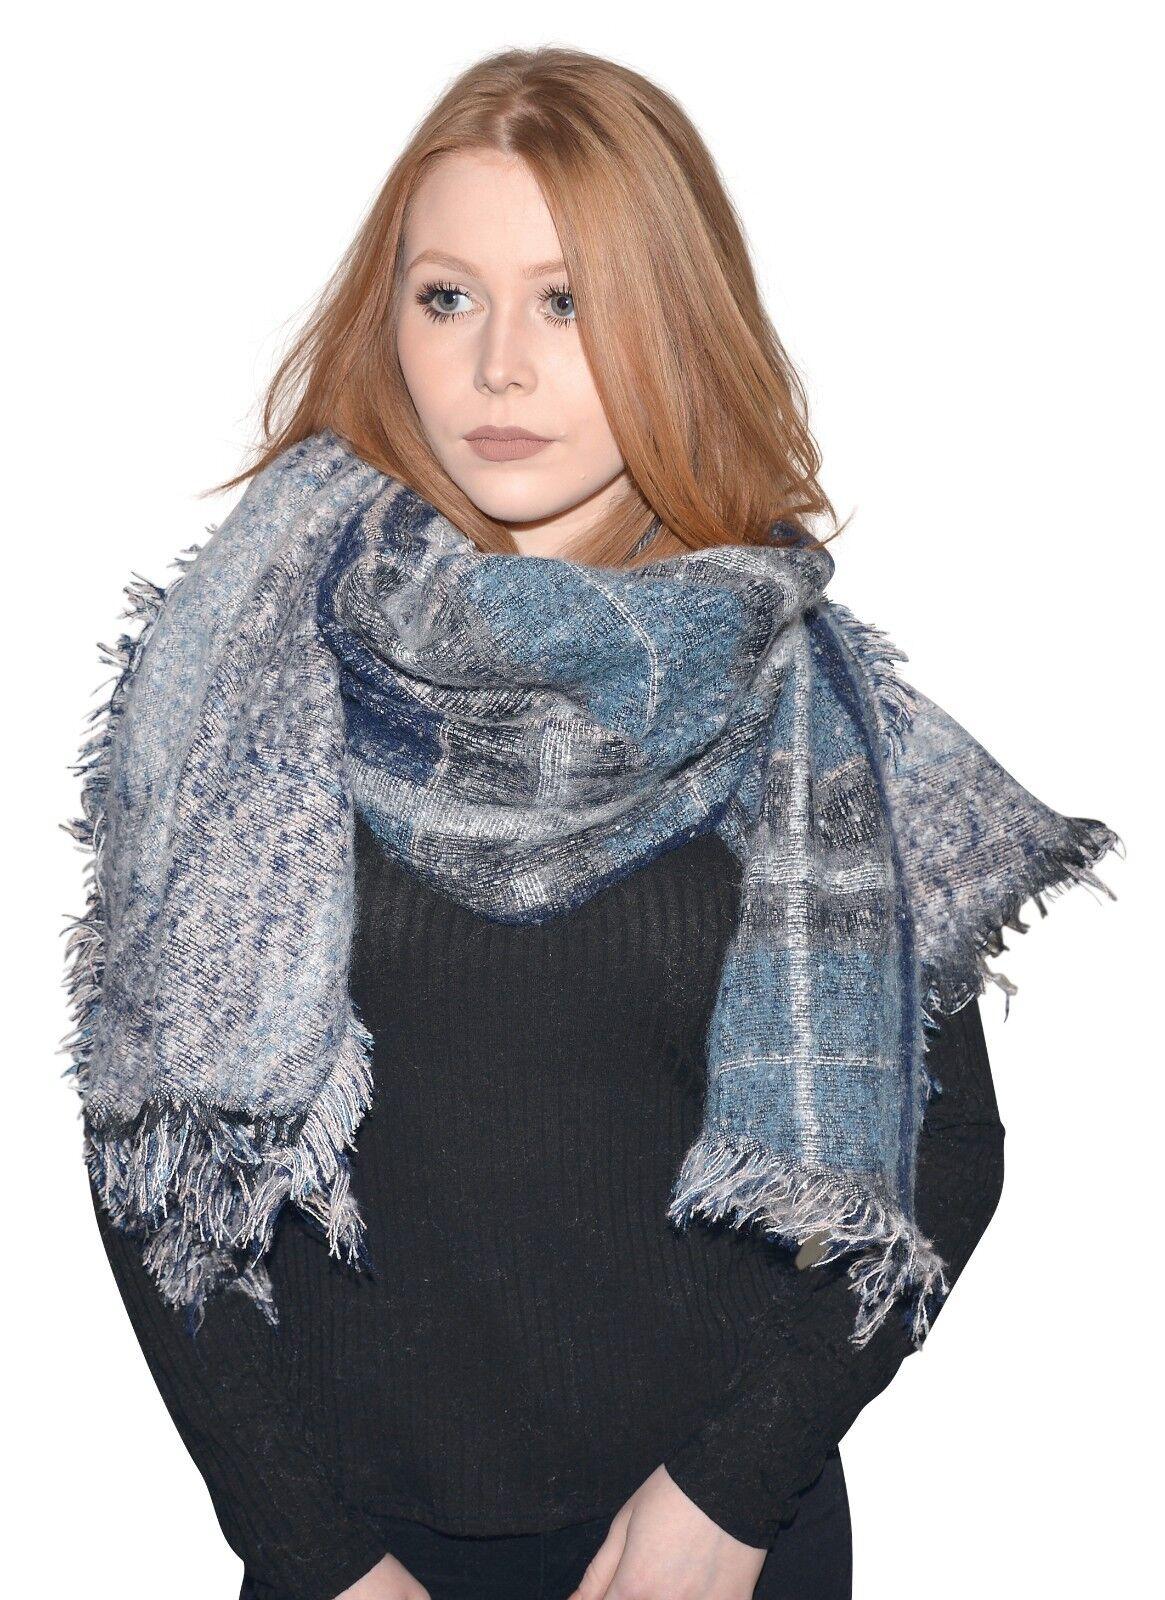 Neu Damen Schal Großer Winter Schal in Grau Türkis - Edel und kuschlig XXL Scarf